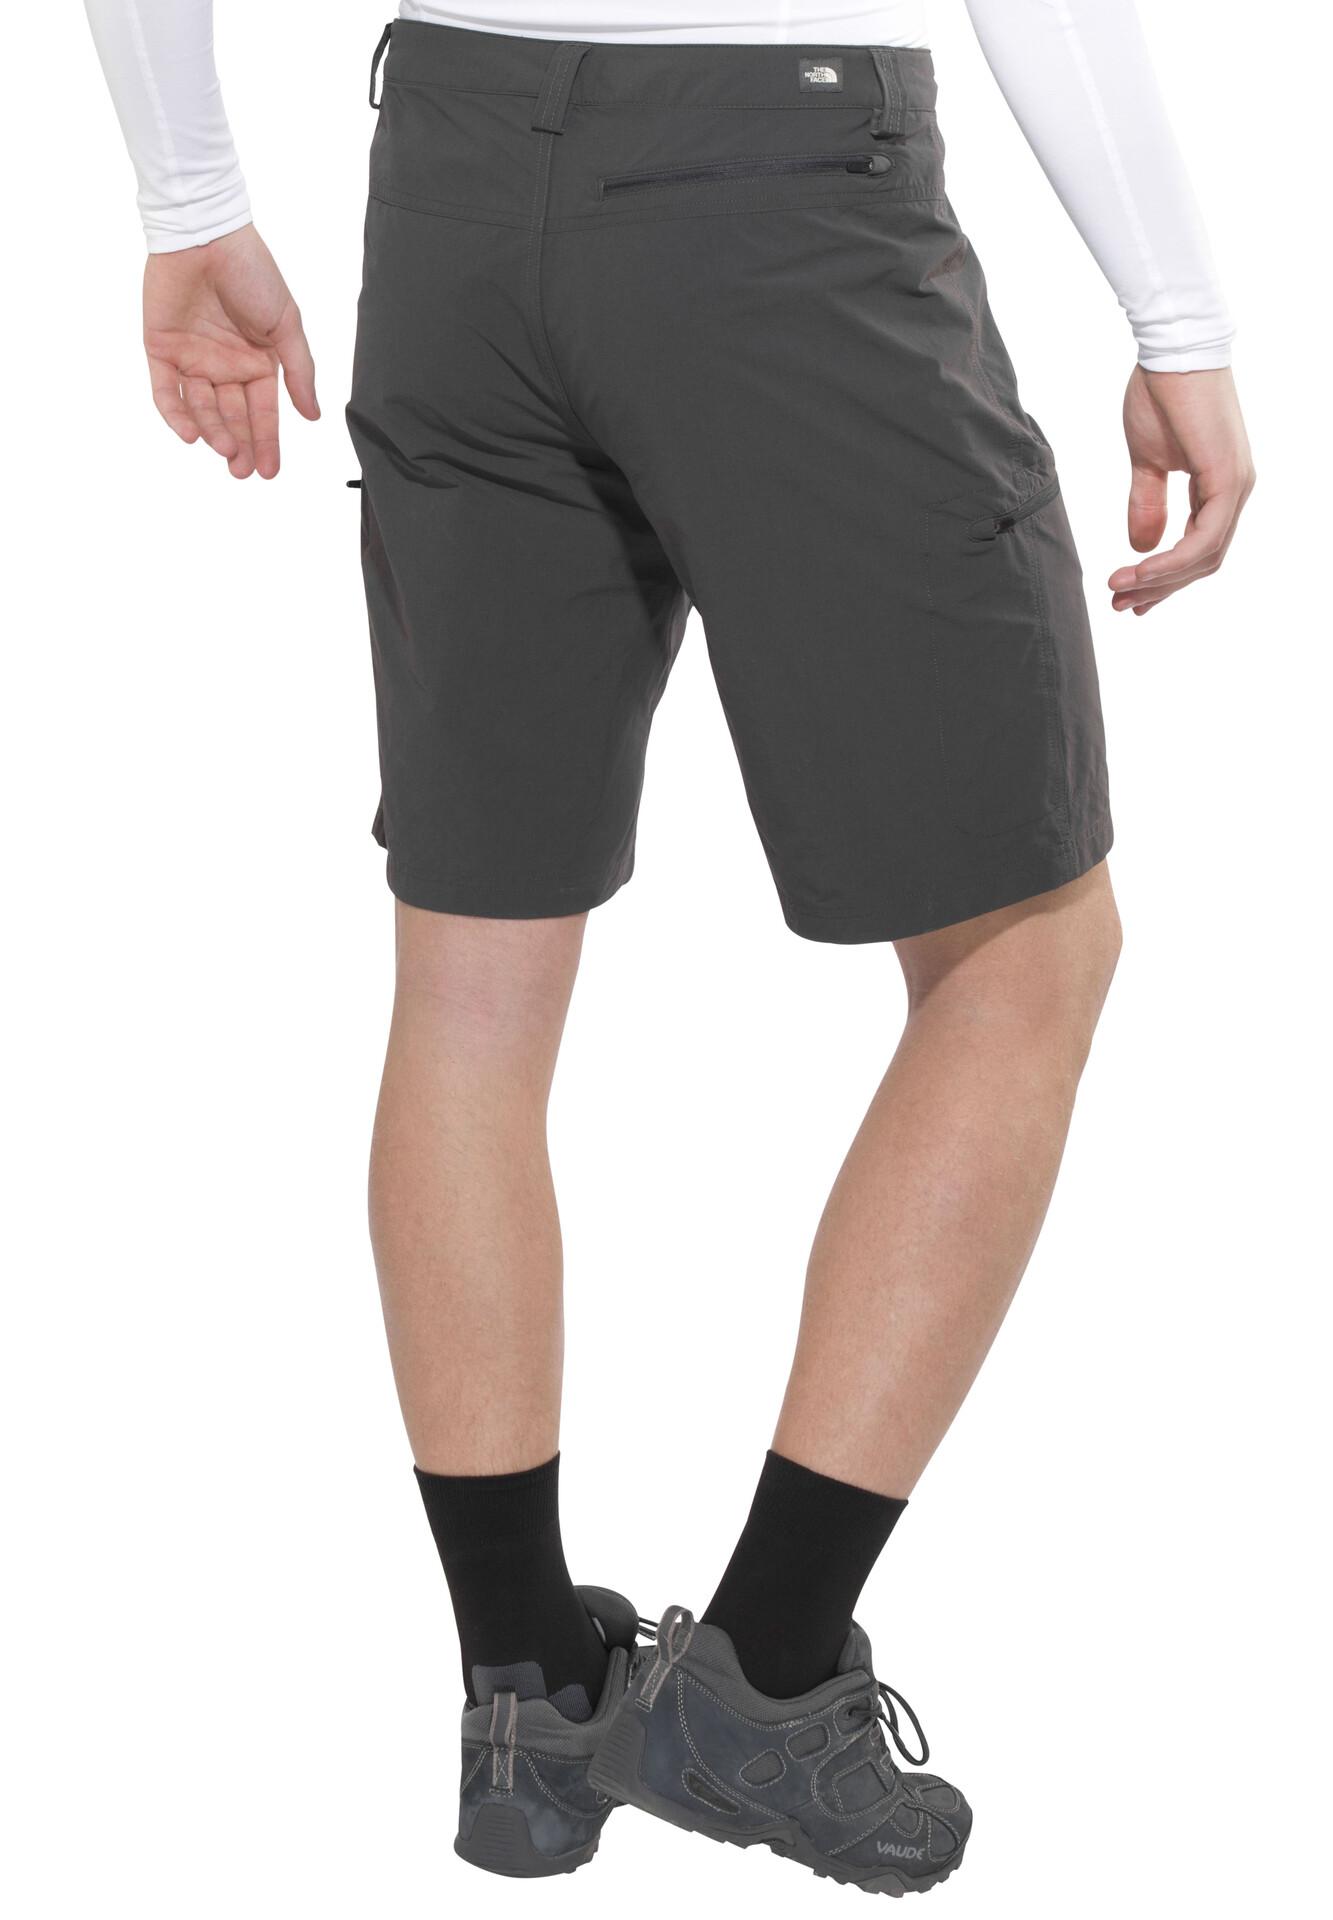 pantalones cortos hombre the north face